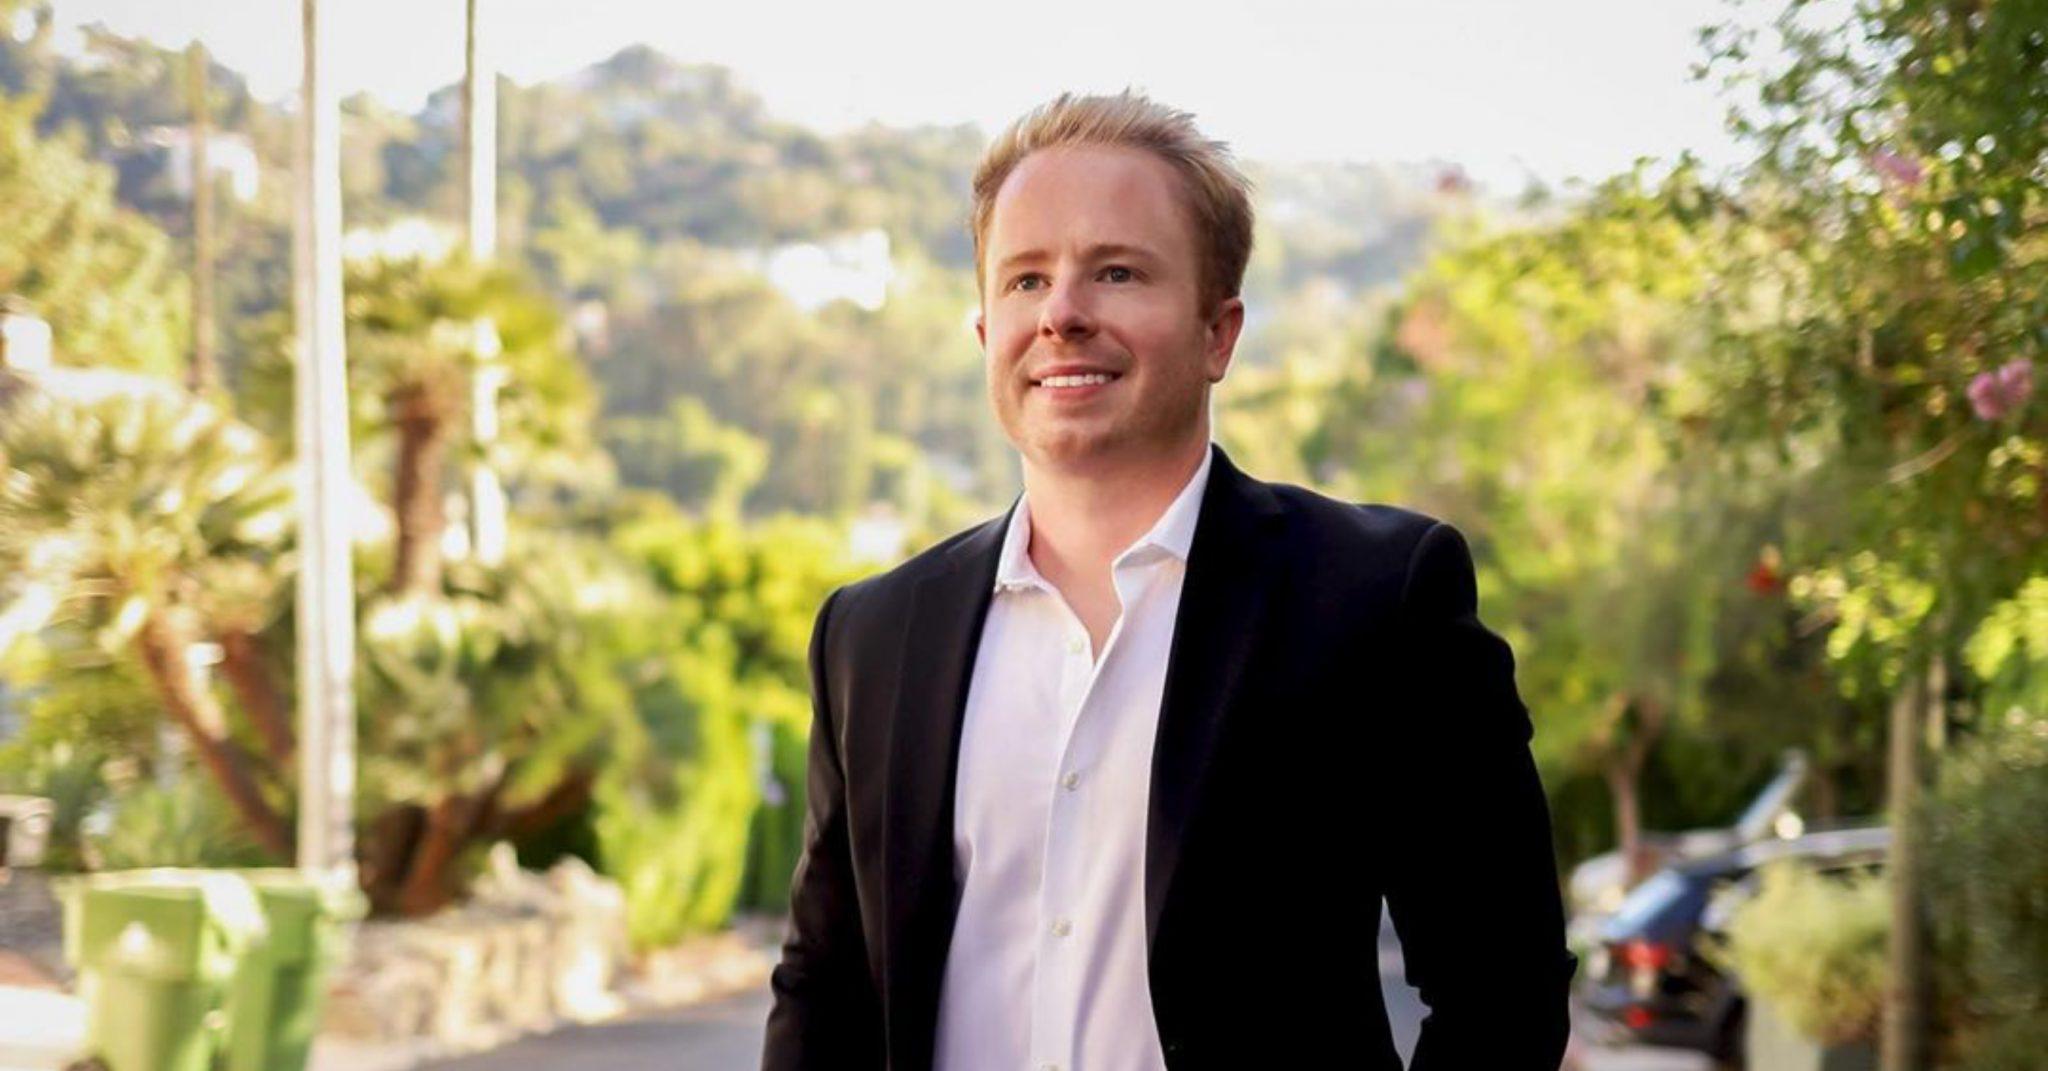 Blake Stargel – Luxury Real Estate